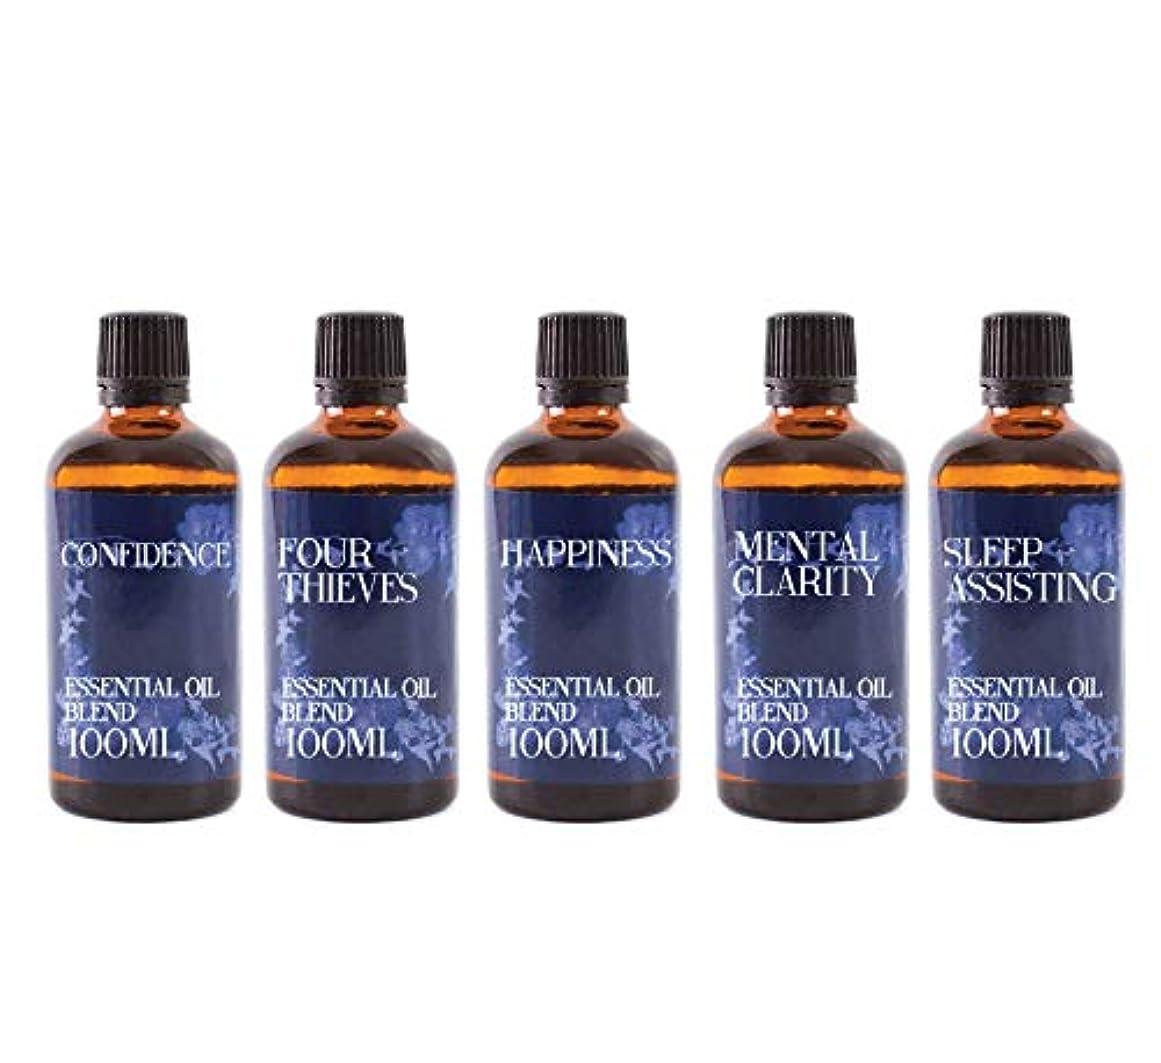 濃度放棄された相対的Mystix London | Gift Starter Pack of 5 x 100ml - Everyday Essentials - Essential Oil Blends